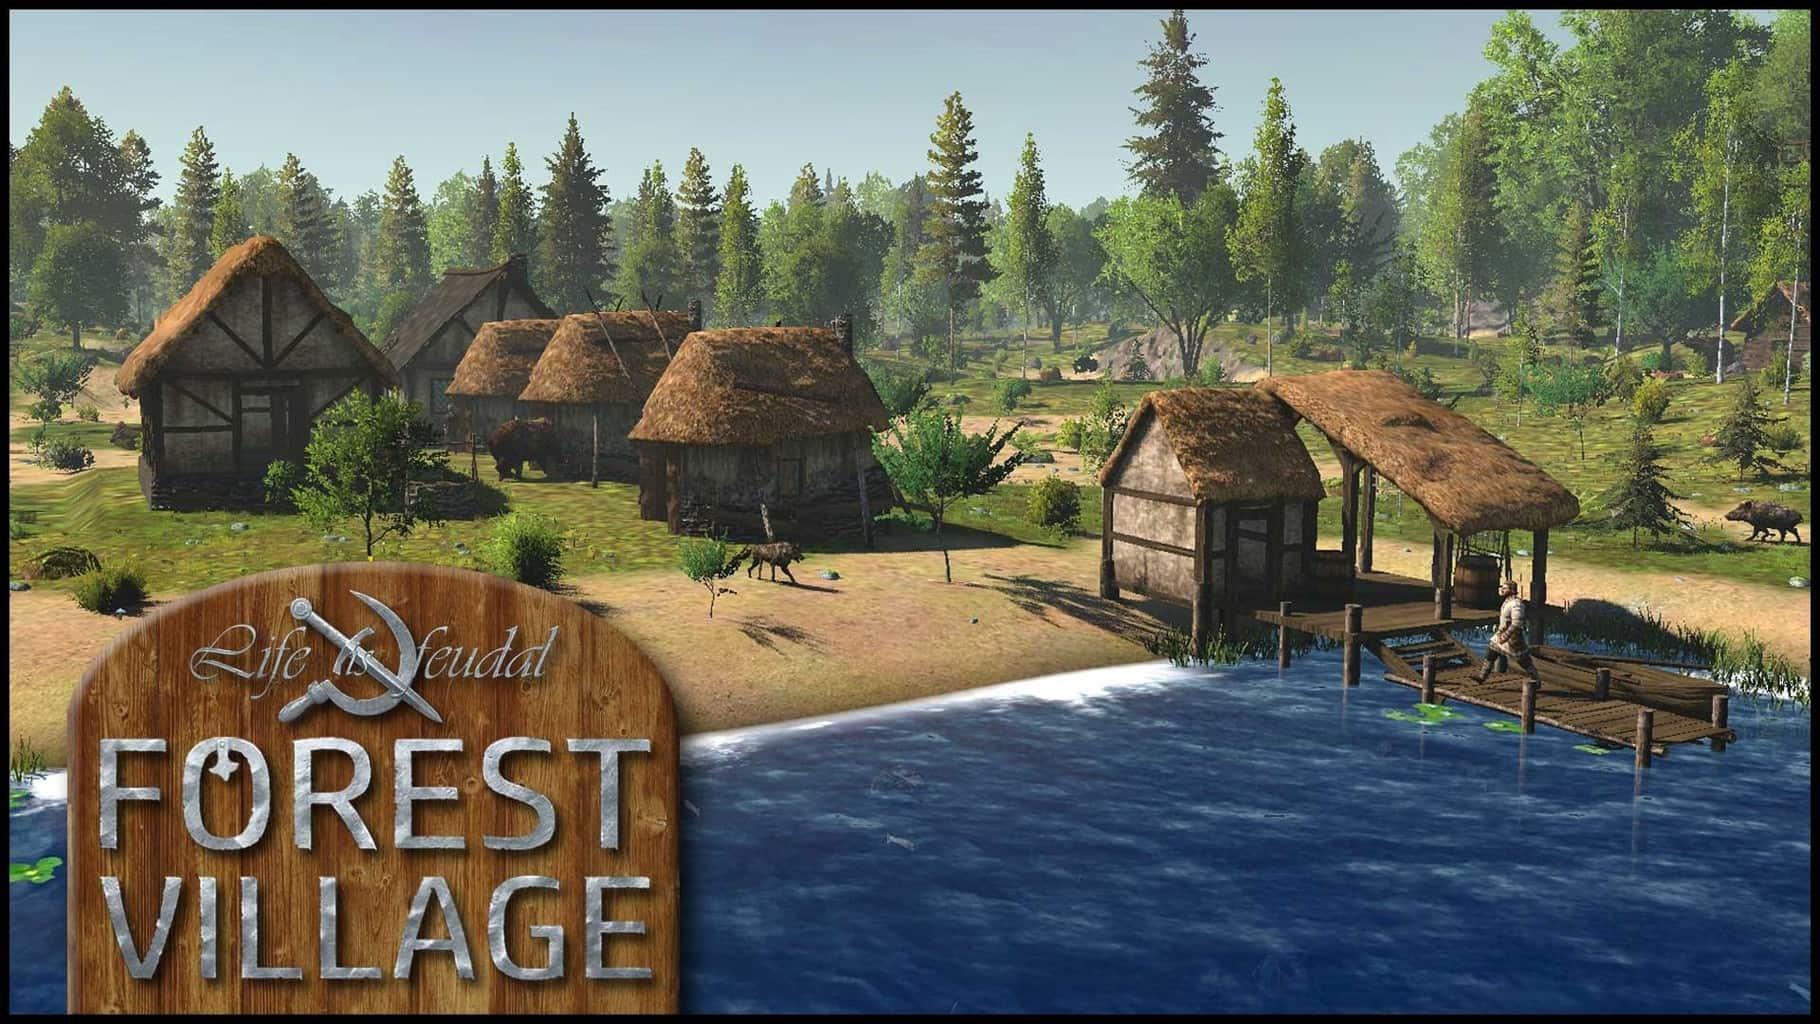 Life is feudal forest обзор warhammer форумная ролевая игра